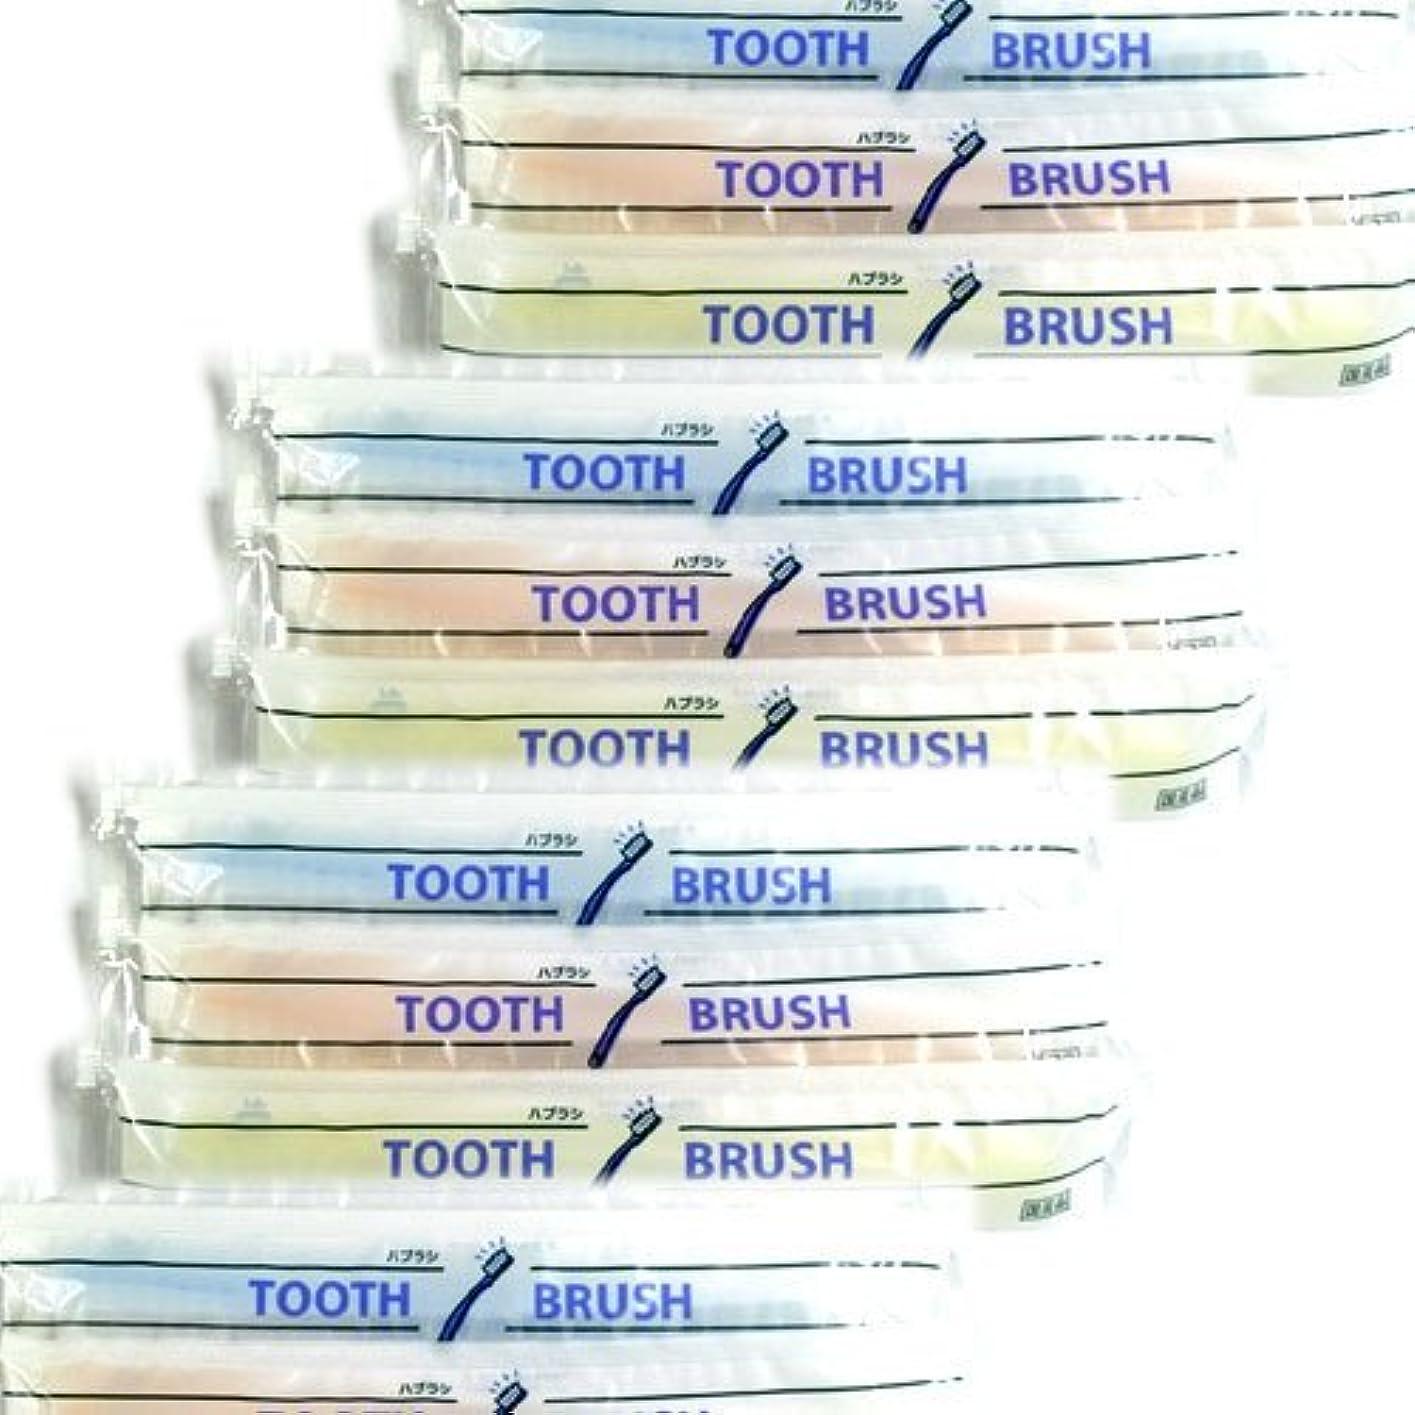 運動地質学バルブホテルアメニティ 業務用 使い捨て(インスタント) 粉付き歯ブラシ × 1000個セット